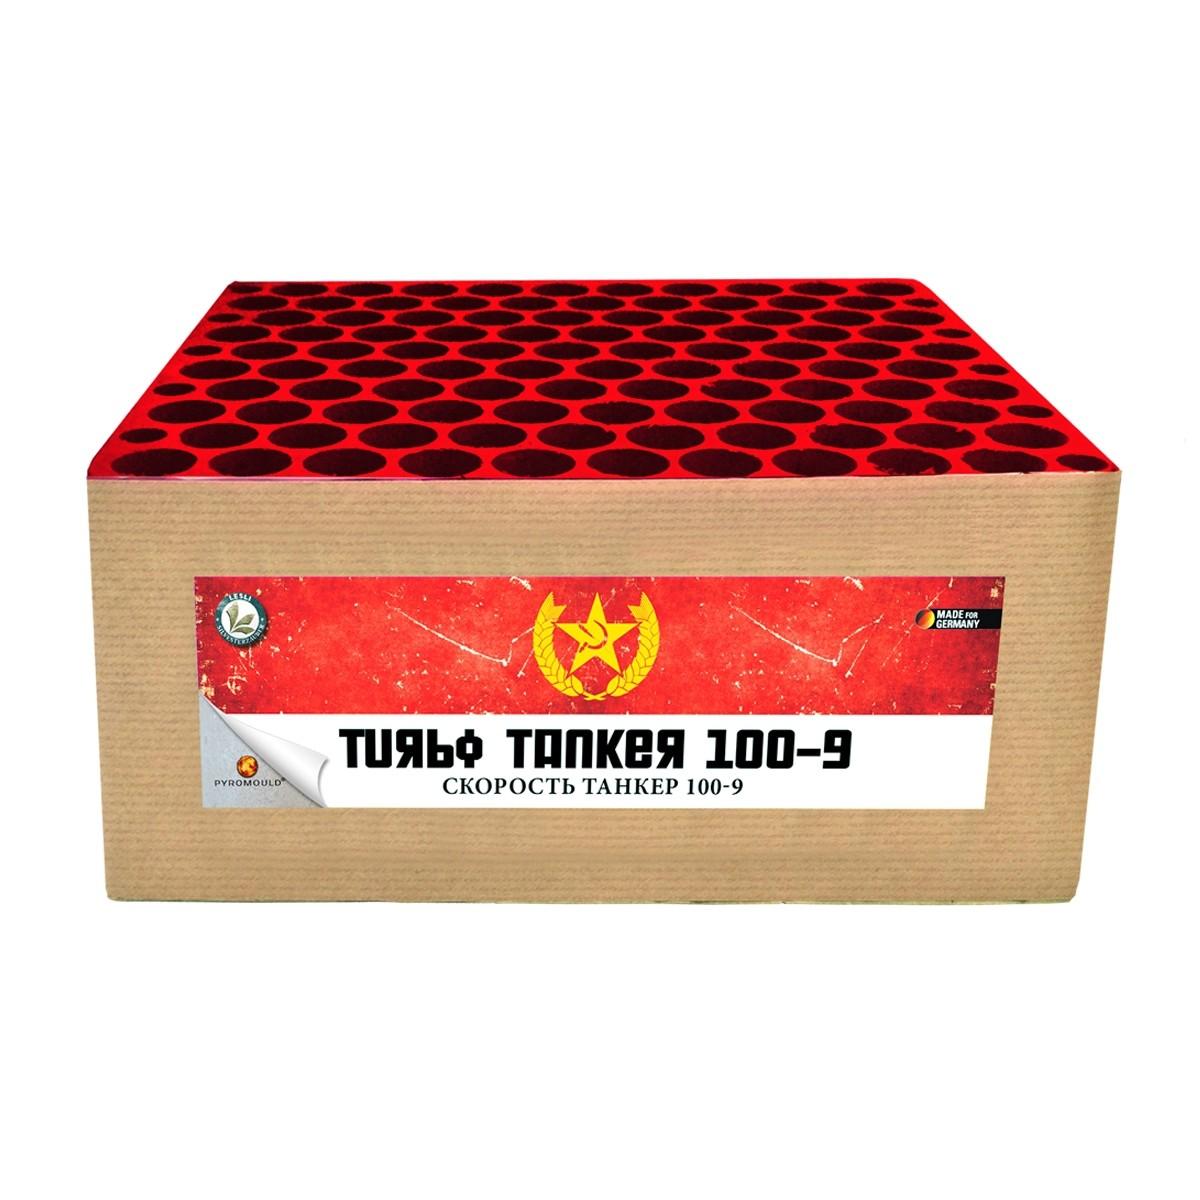 Turbo Tanker 100-9 1er- Kiste